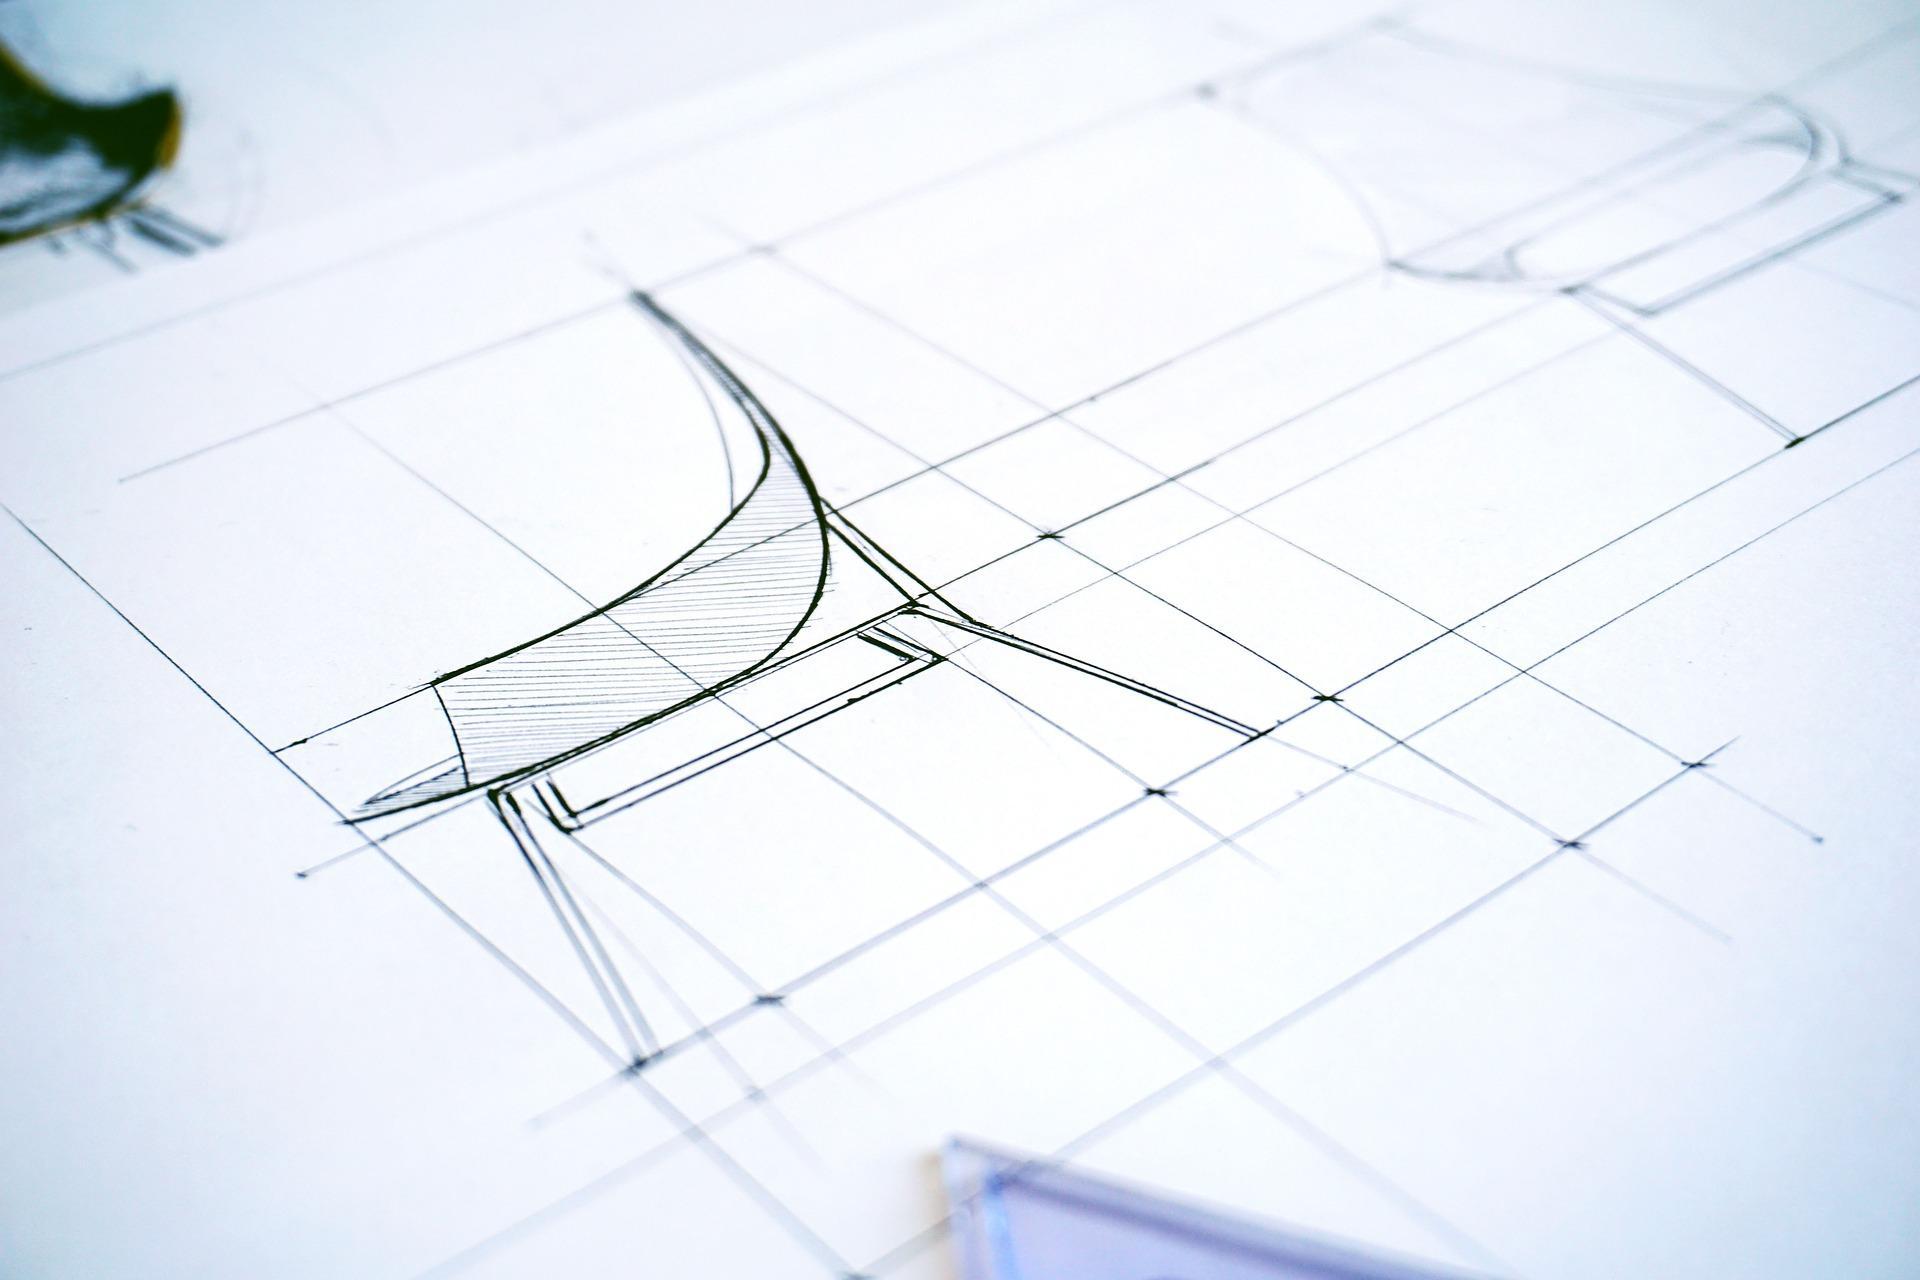 Diseño de una silla